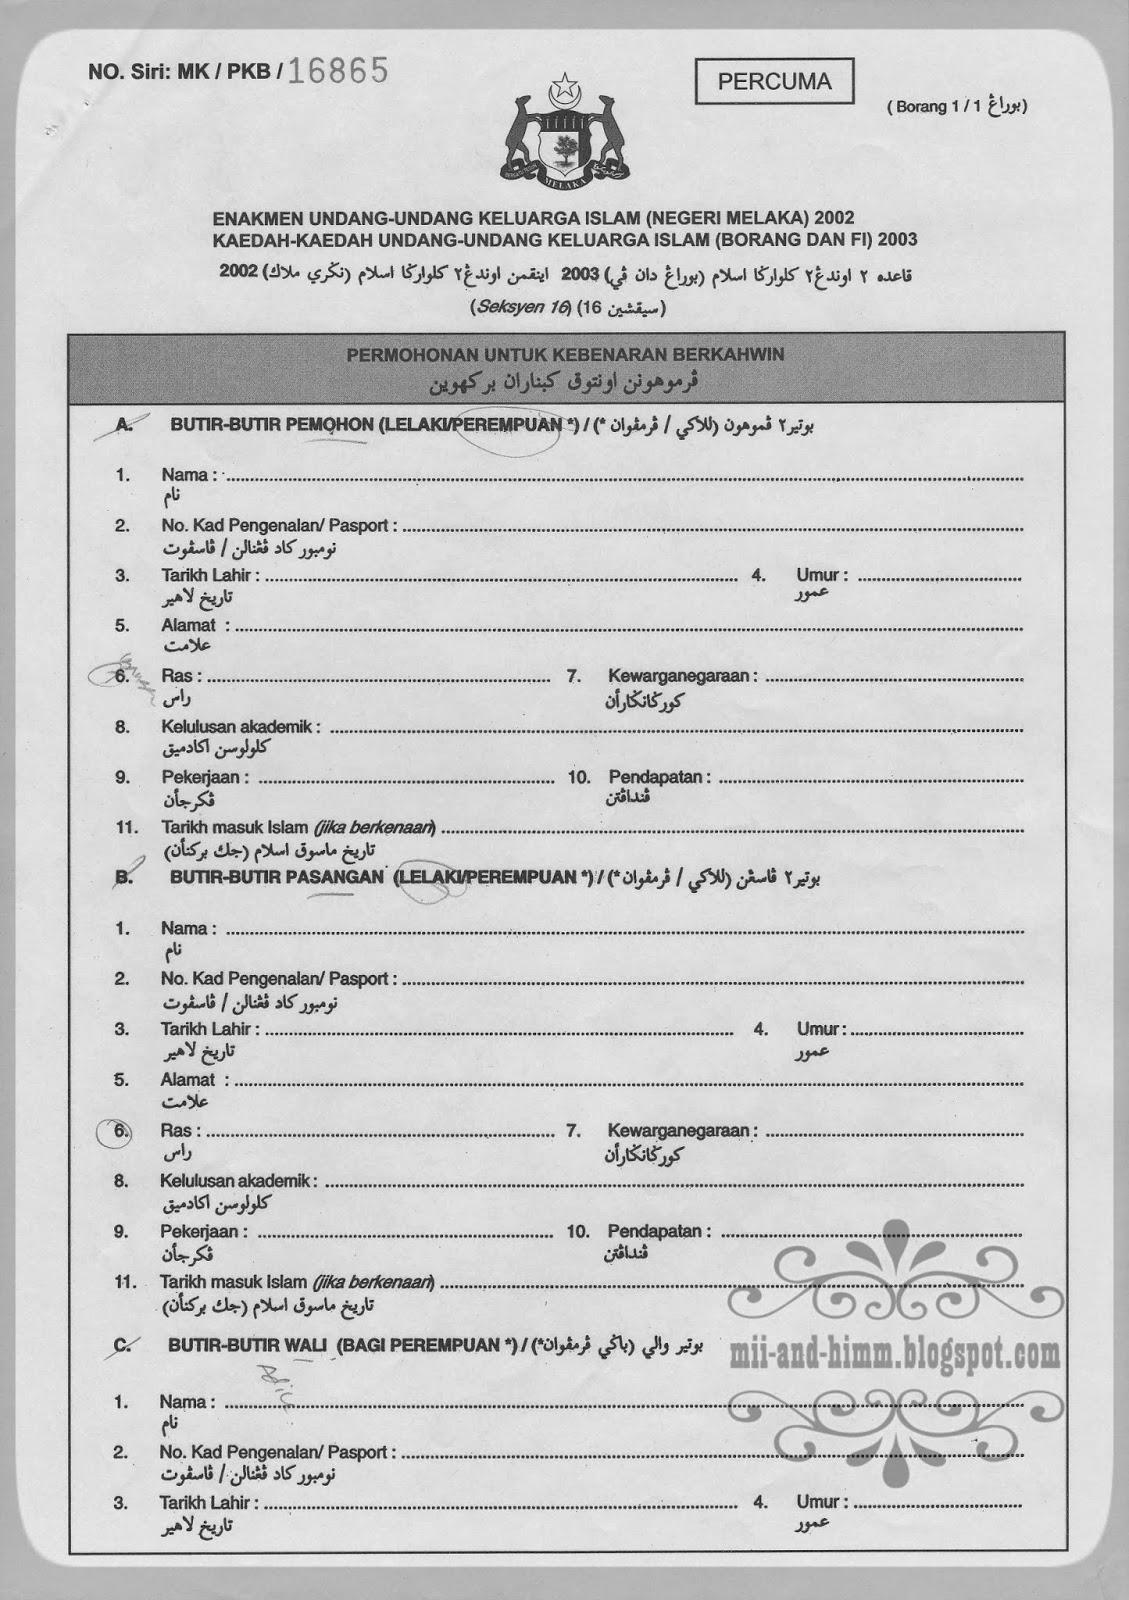 De Ef Jay Persiapan 3 Dokumen Dan Prosedur Kahwin